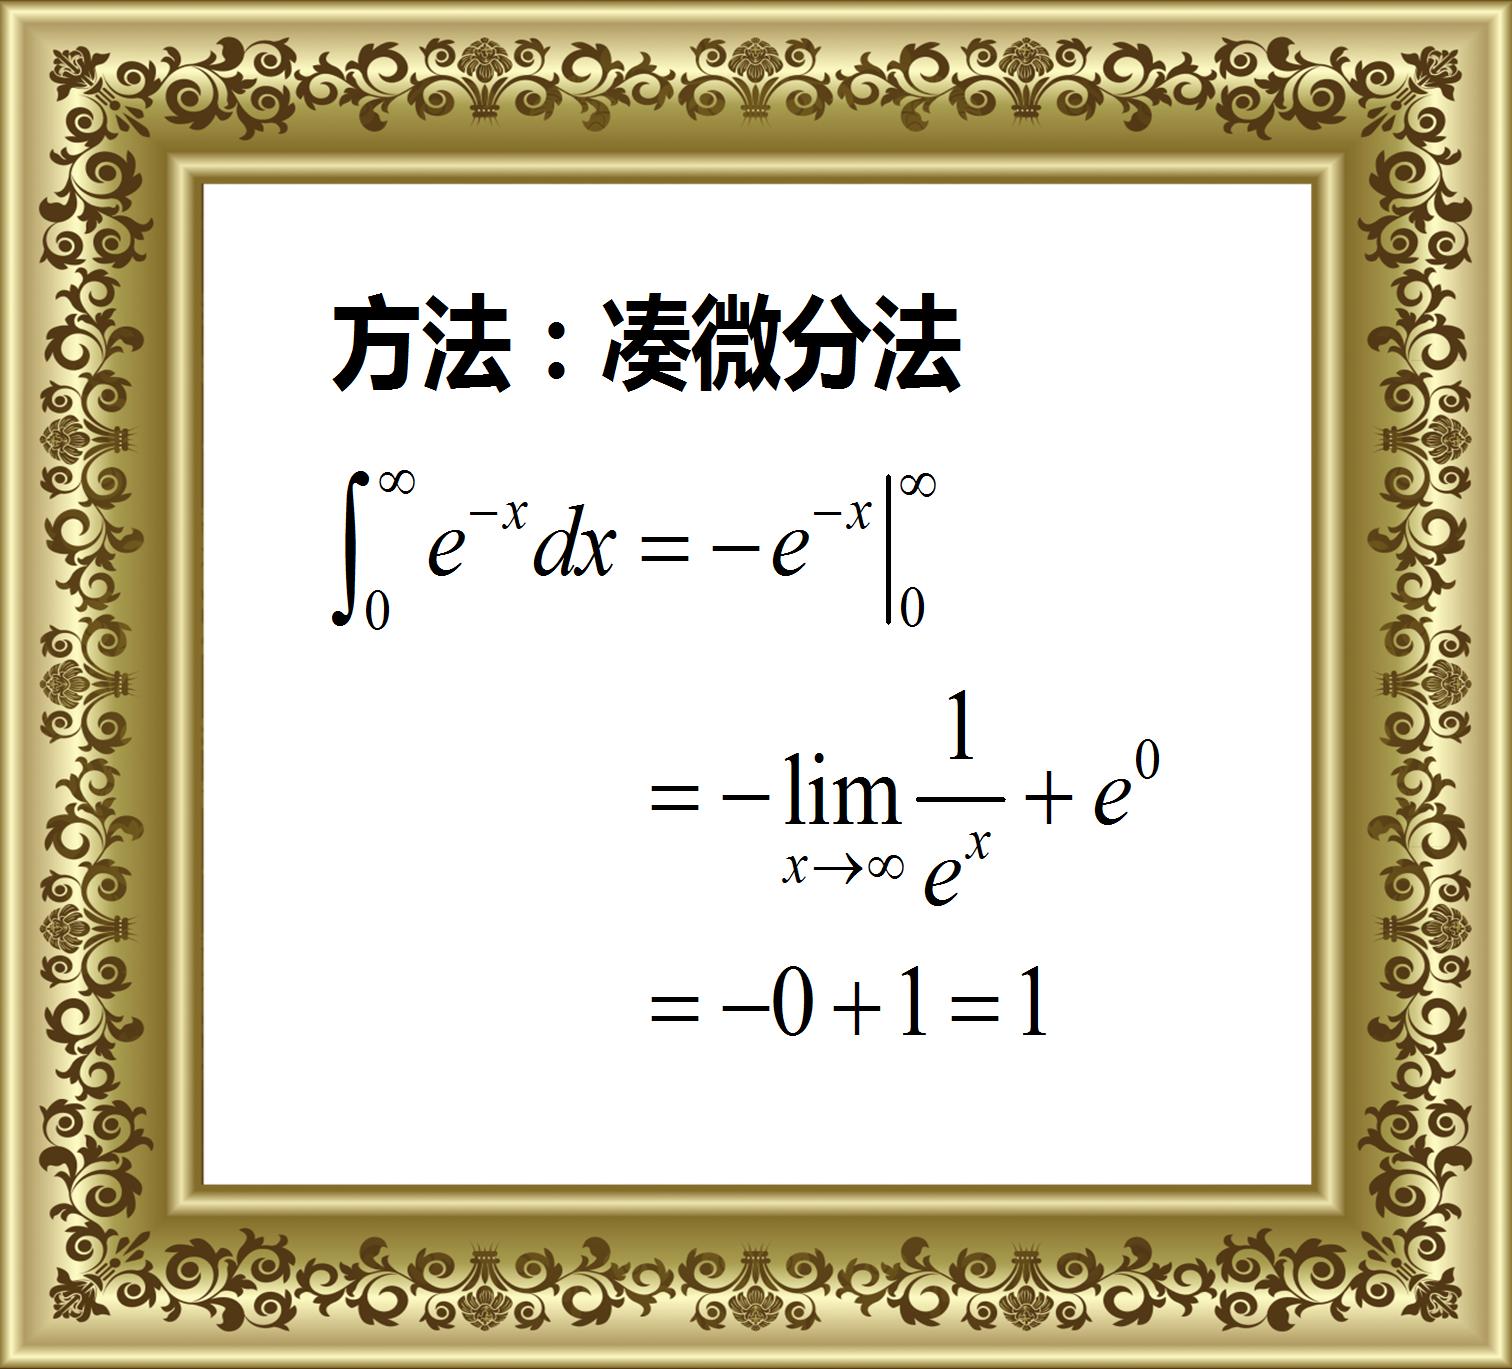 e^(-x^2)的广义积分